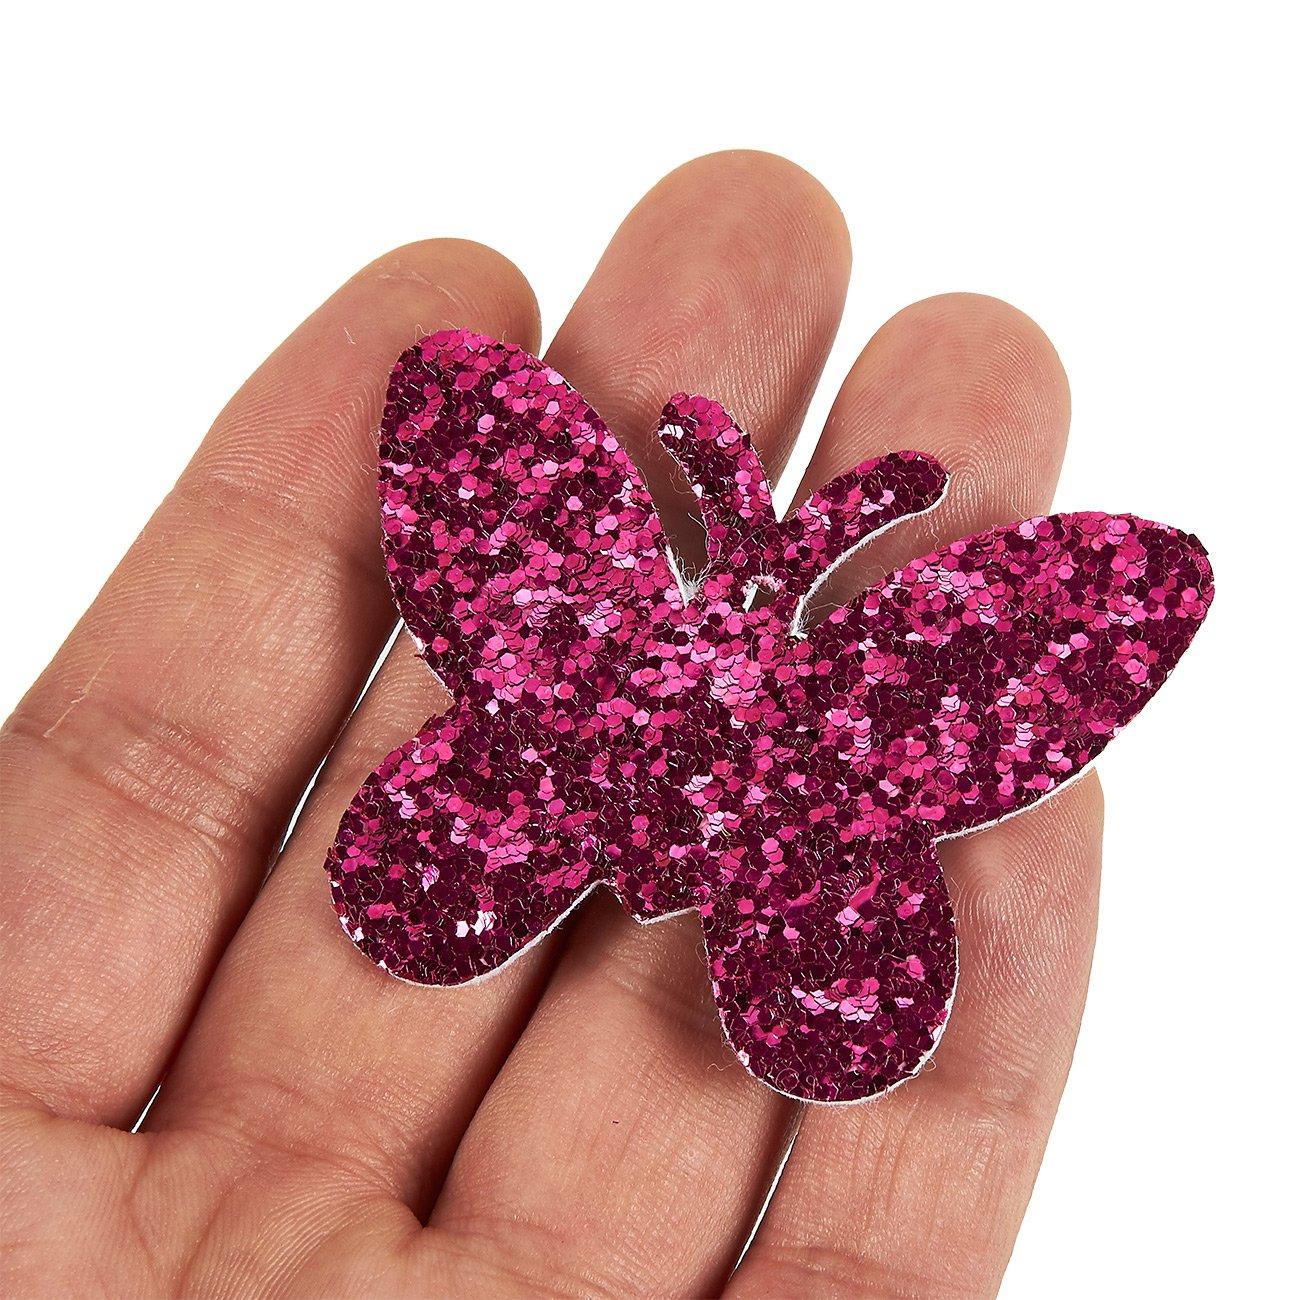 Assorted Shapes Star Felt Flower Butterfly Tiara Felt Shapes 100-Piece Glitter Sequinn Felt Embellishment Cutouts for DIY Art and Craft Decoration Heart